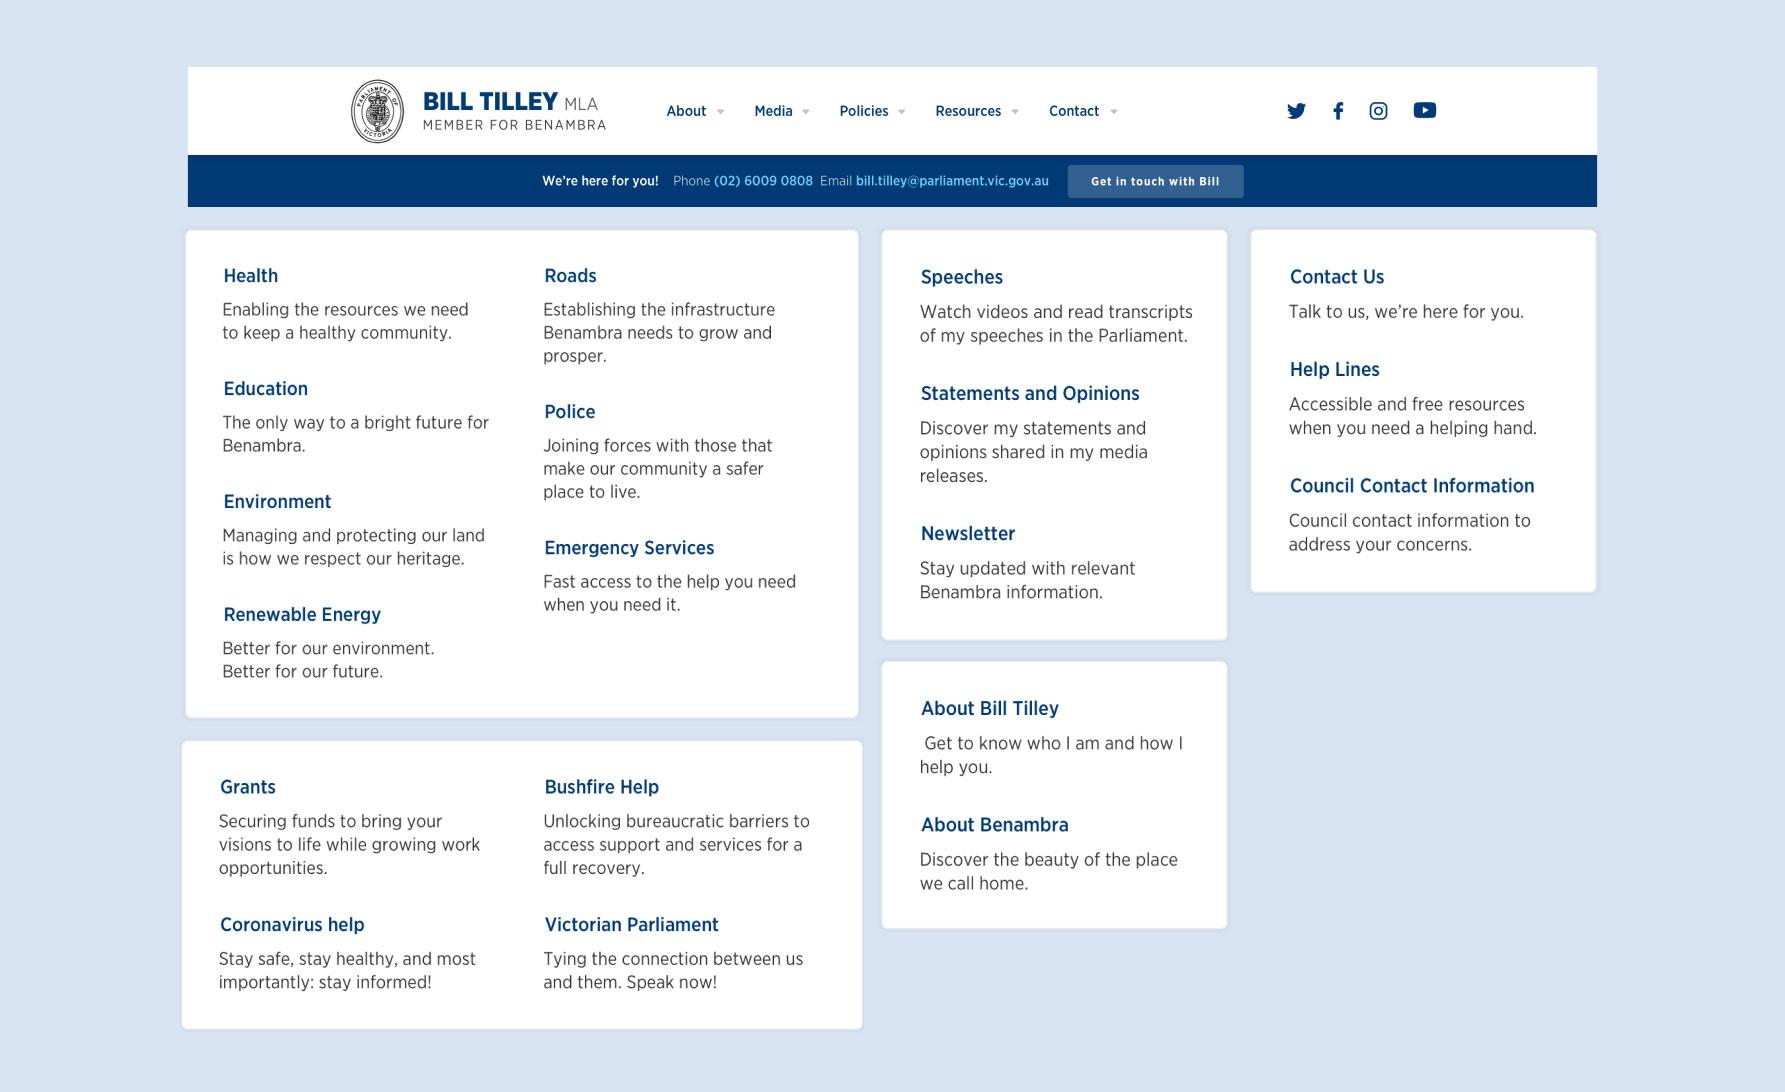 Screenshots of the navigation menu on the Bill Tilley Website